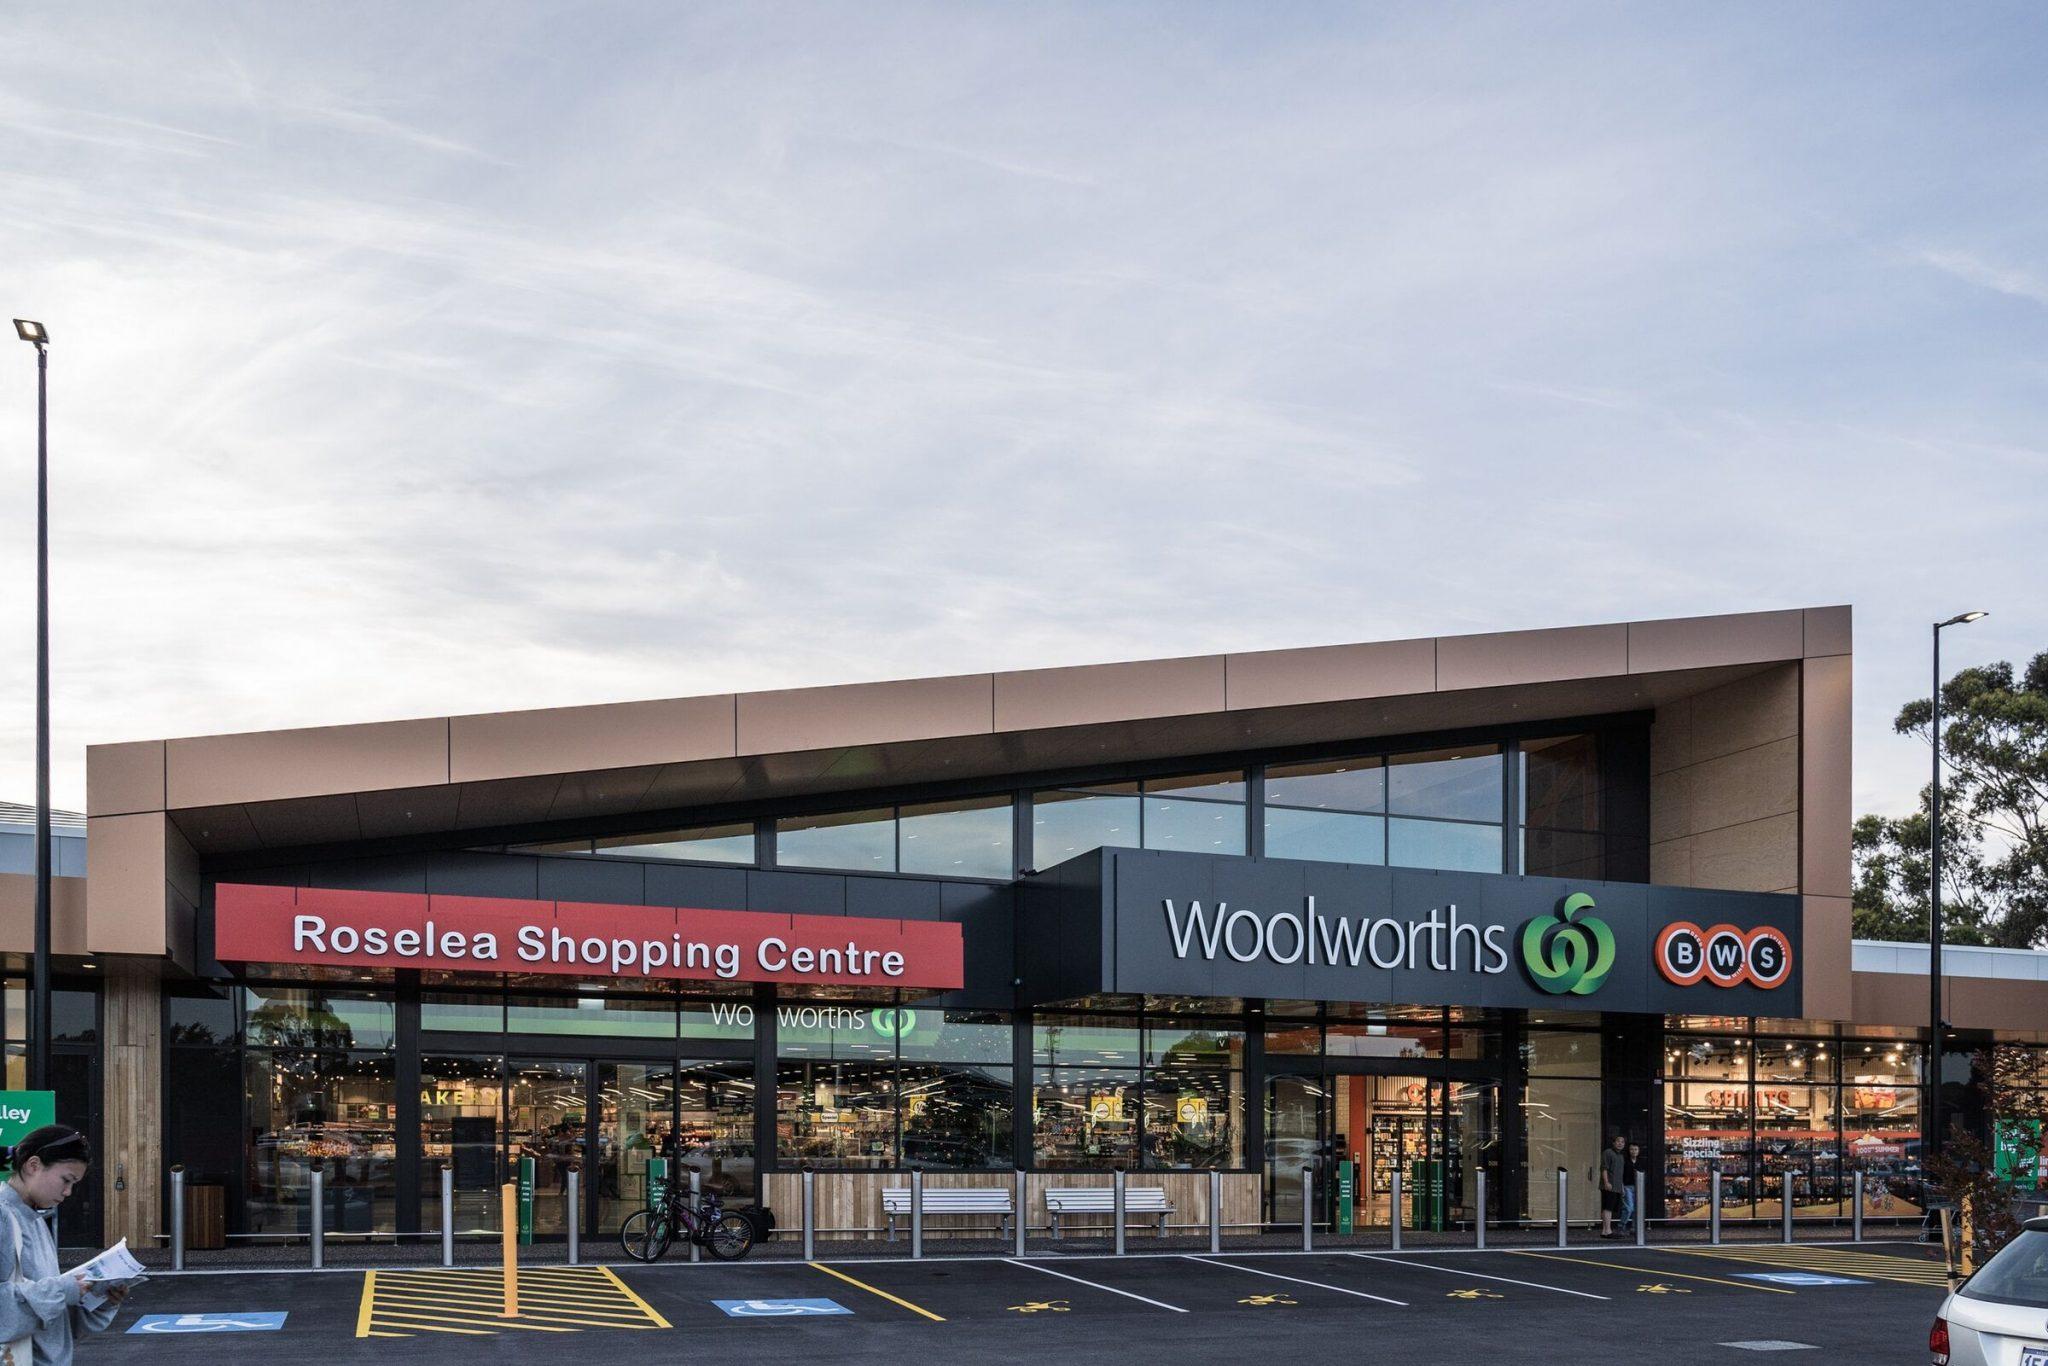 hames-sharley-roselea-shopping-centre-shopping-centres-archello.1608192427.0613